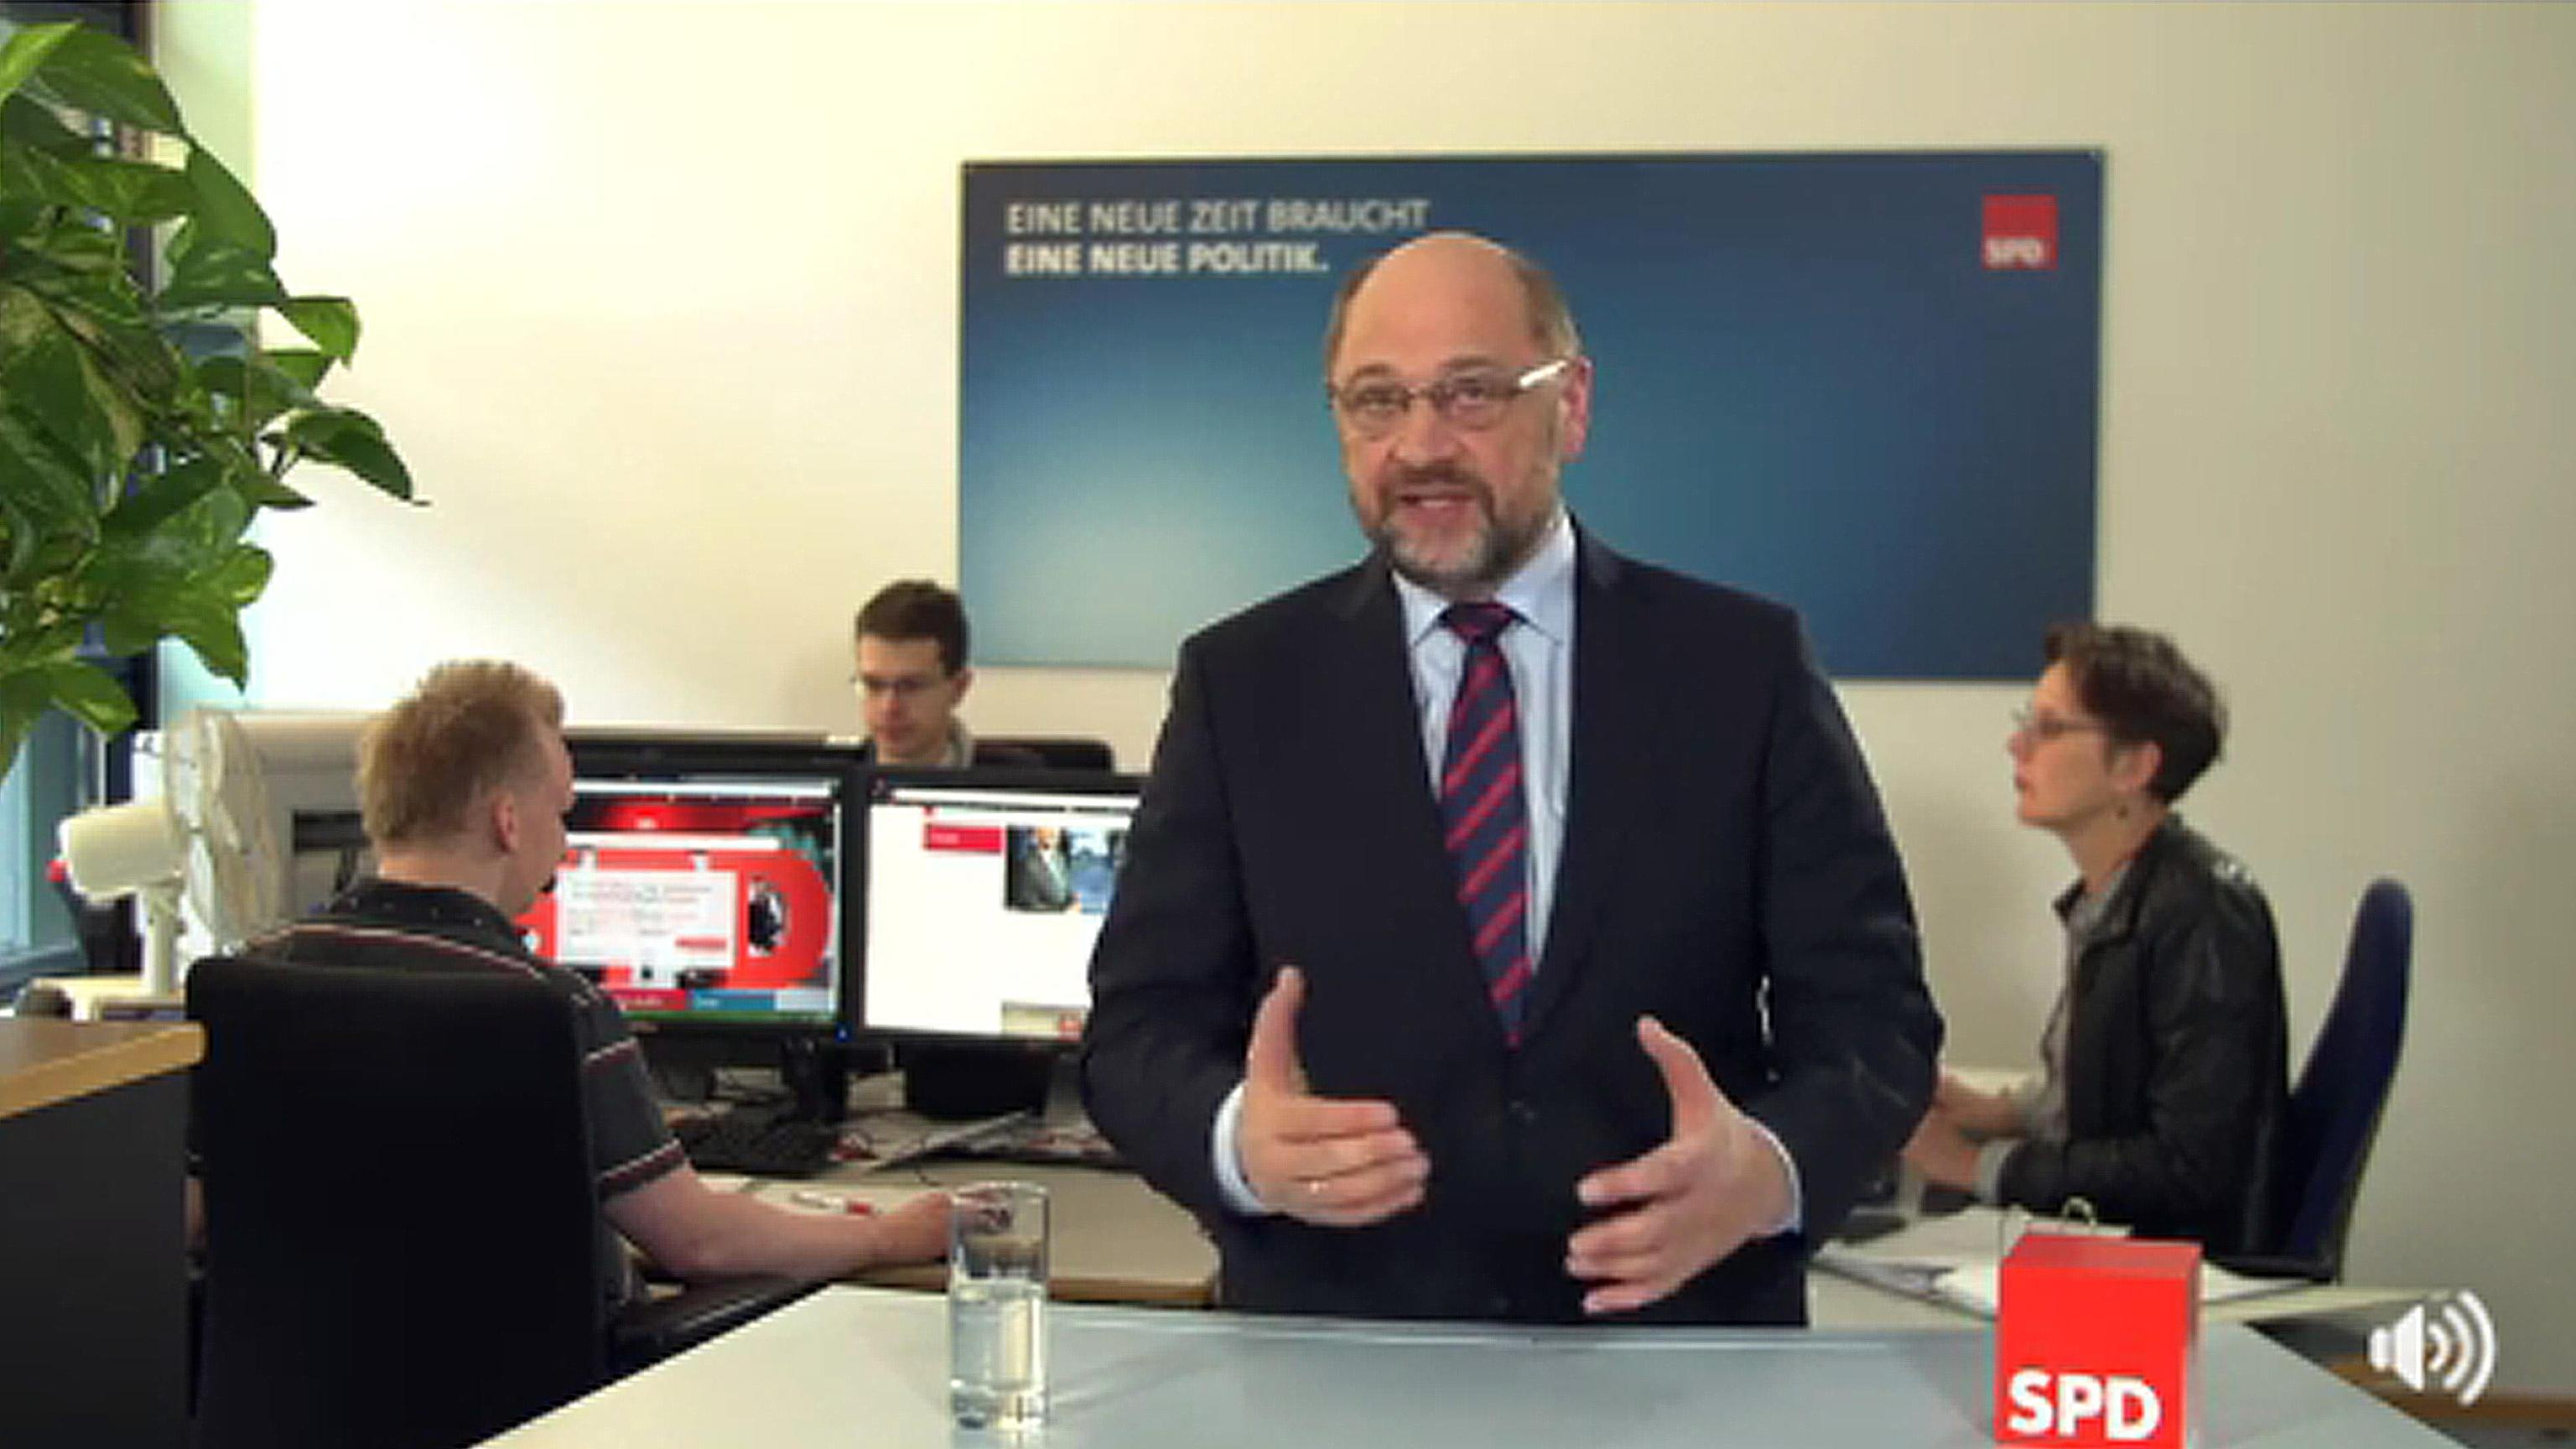 Germania: dopo accordo Spd crolla a 18%